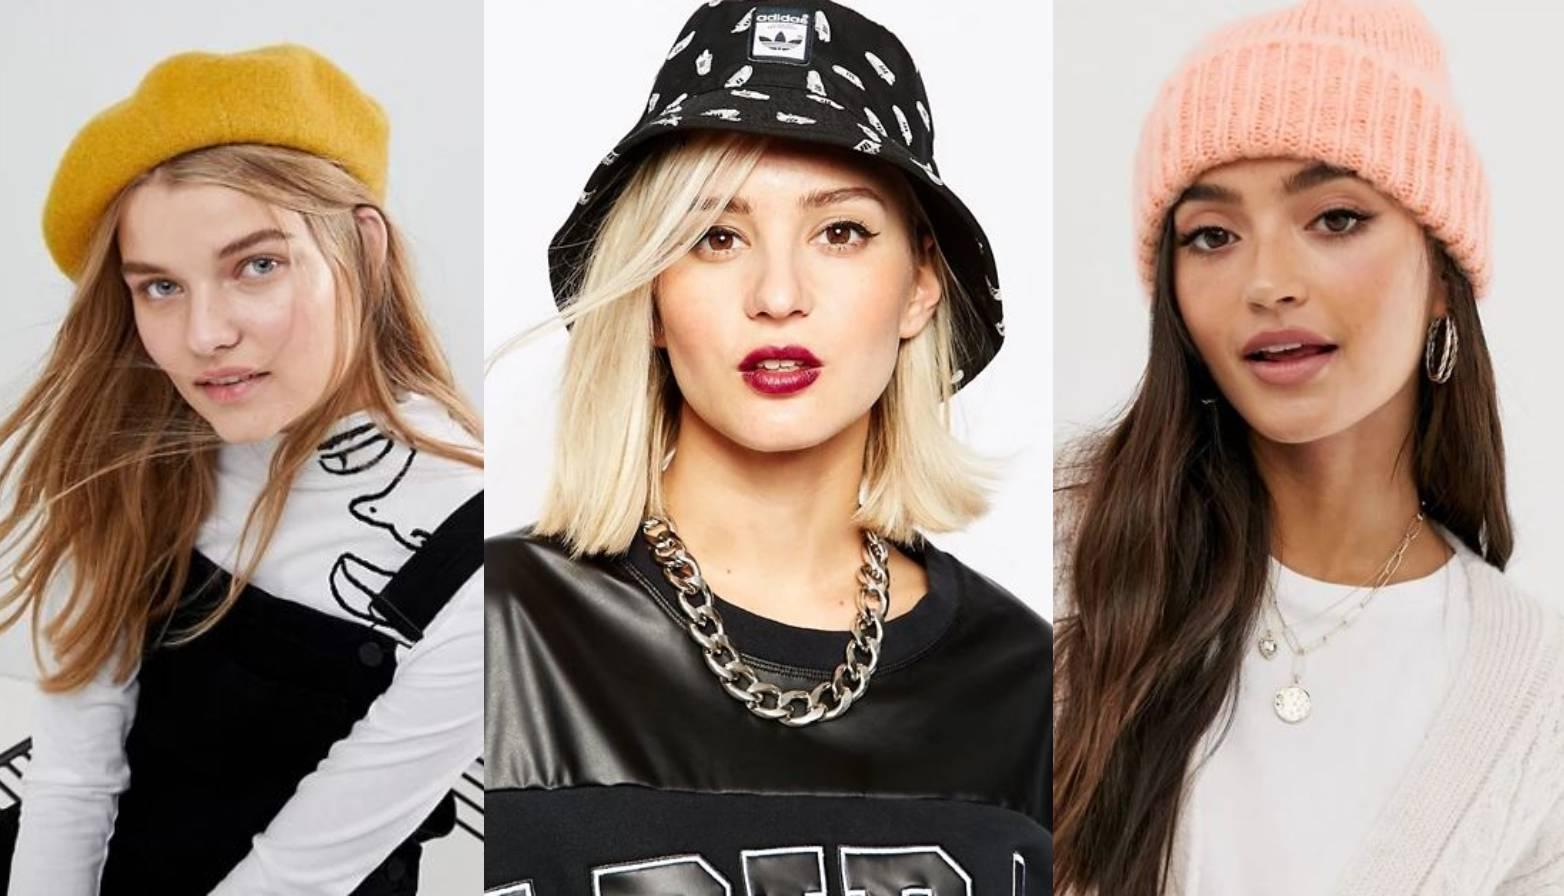 Izaberite kapu prema stilu odijevanja - u trendu su bereta, bucket hat i pleteni modeli